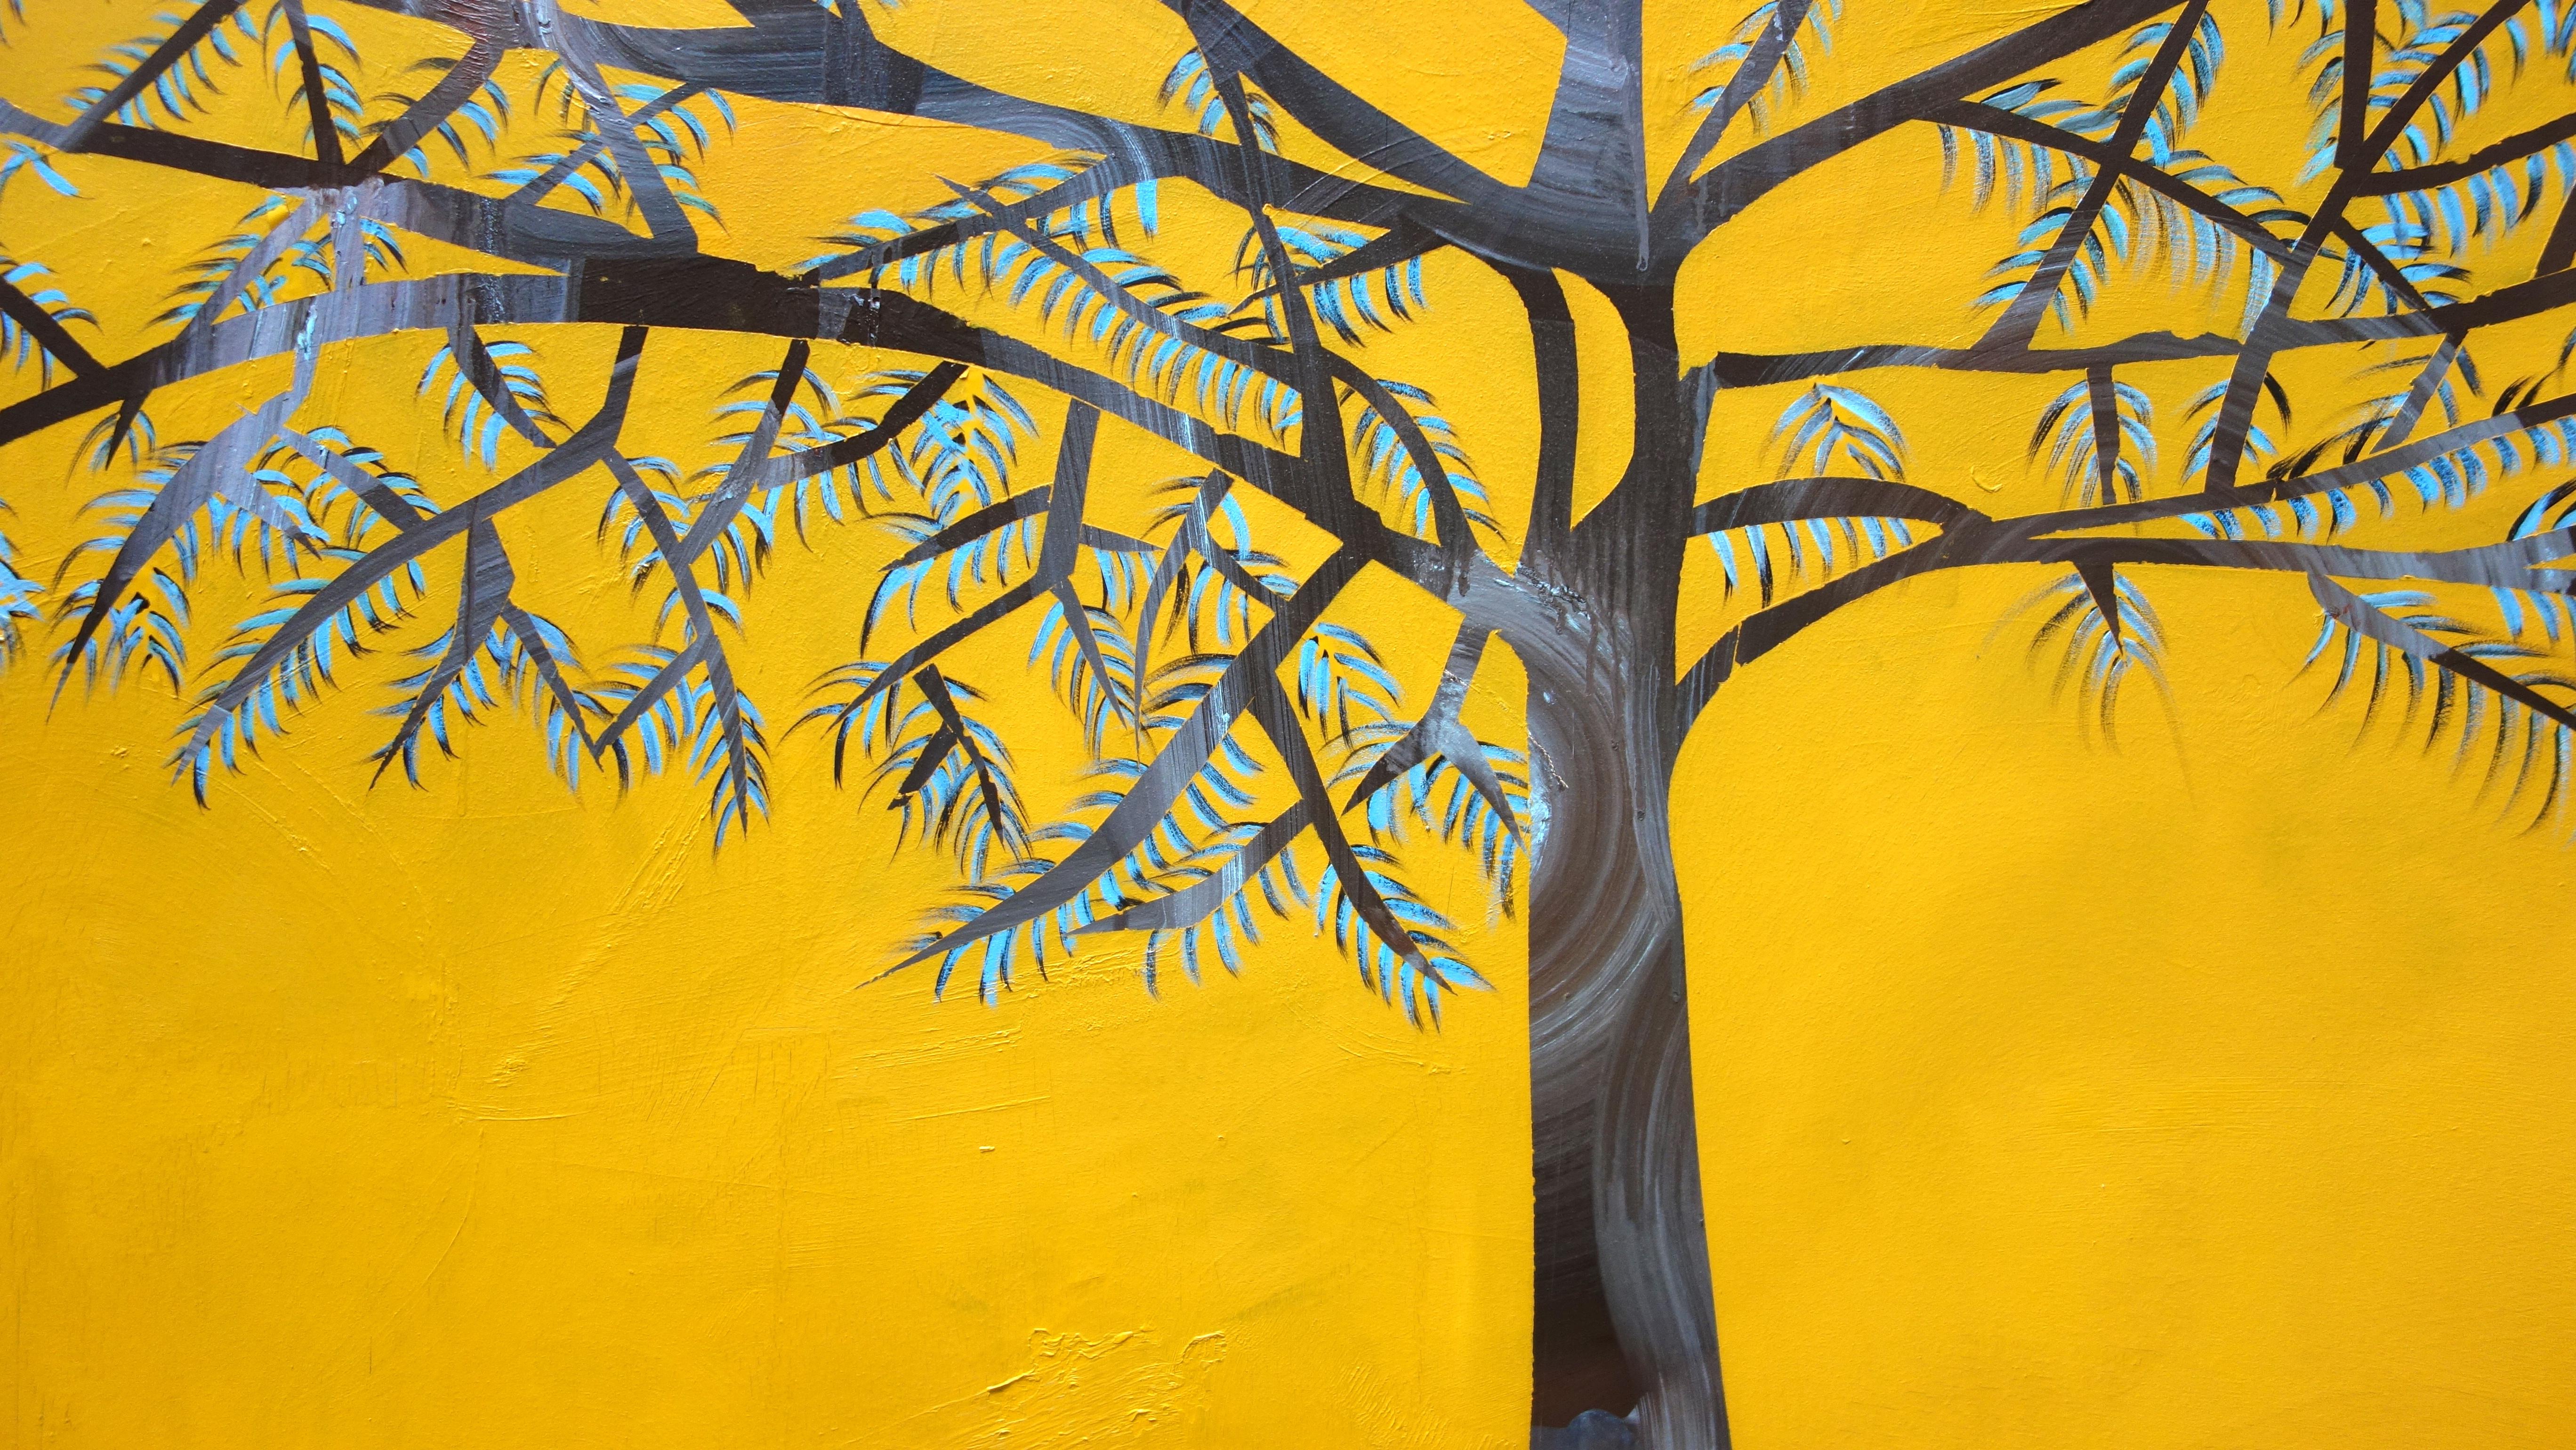 Laura_Garcia-Karras,_Sans_Titre_(yellow_tree),_2017,_Huile_sur_toile,_162_x_97_cm,_Courtesy_de_l'art